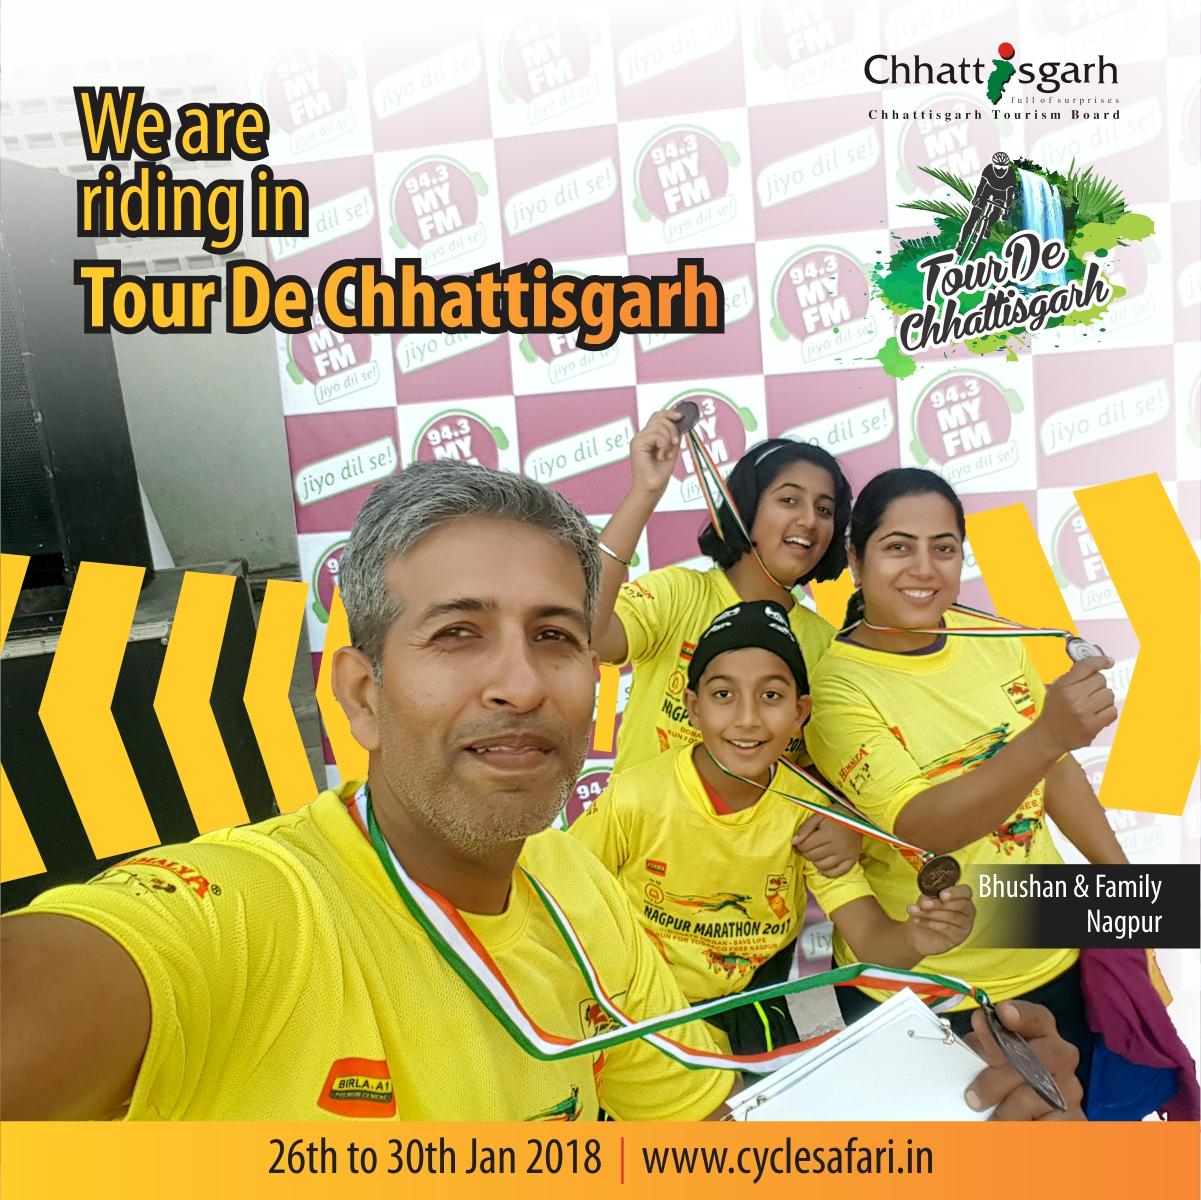 Bhushan & Family